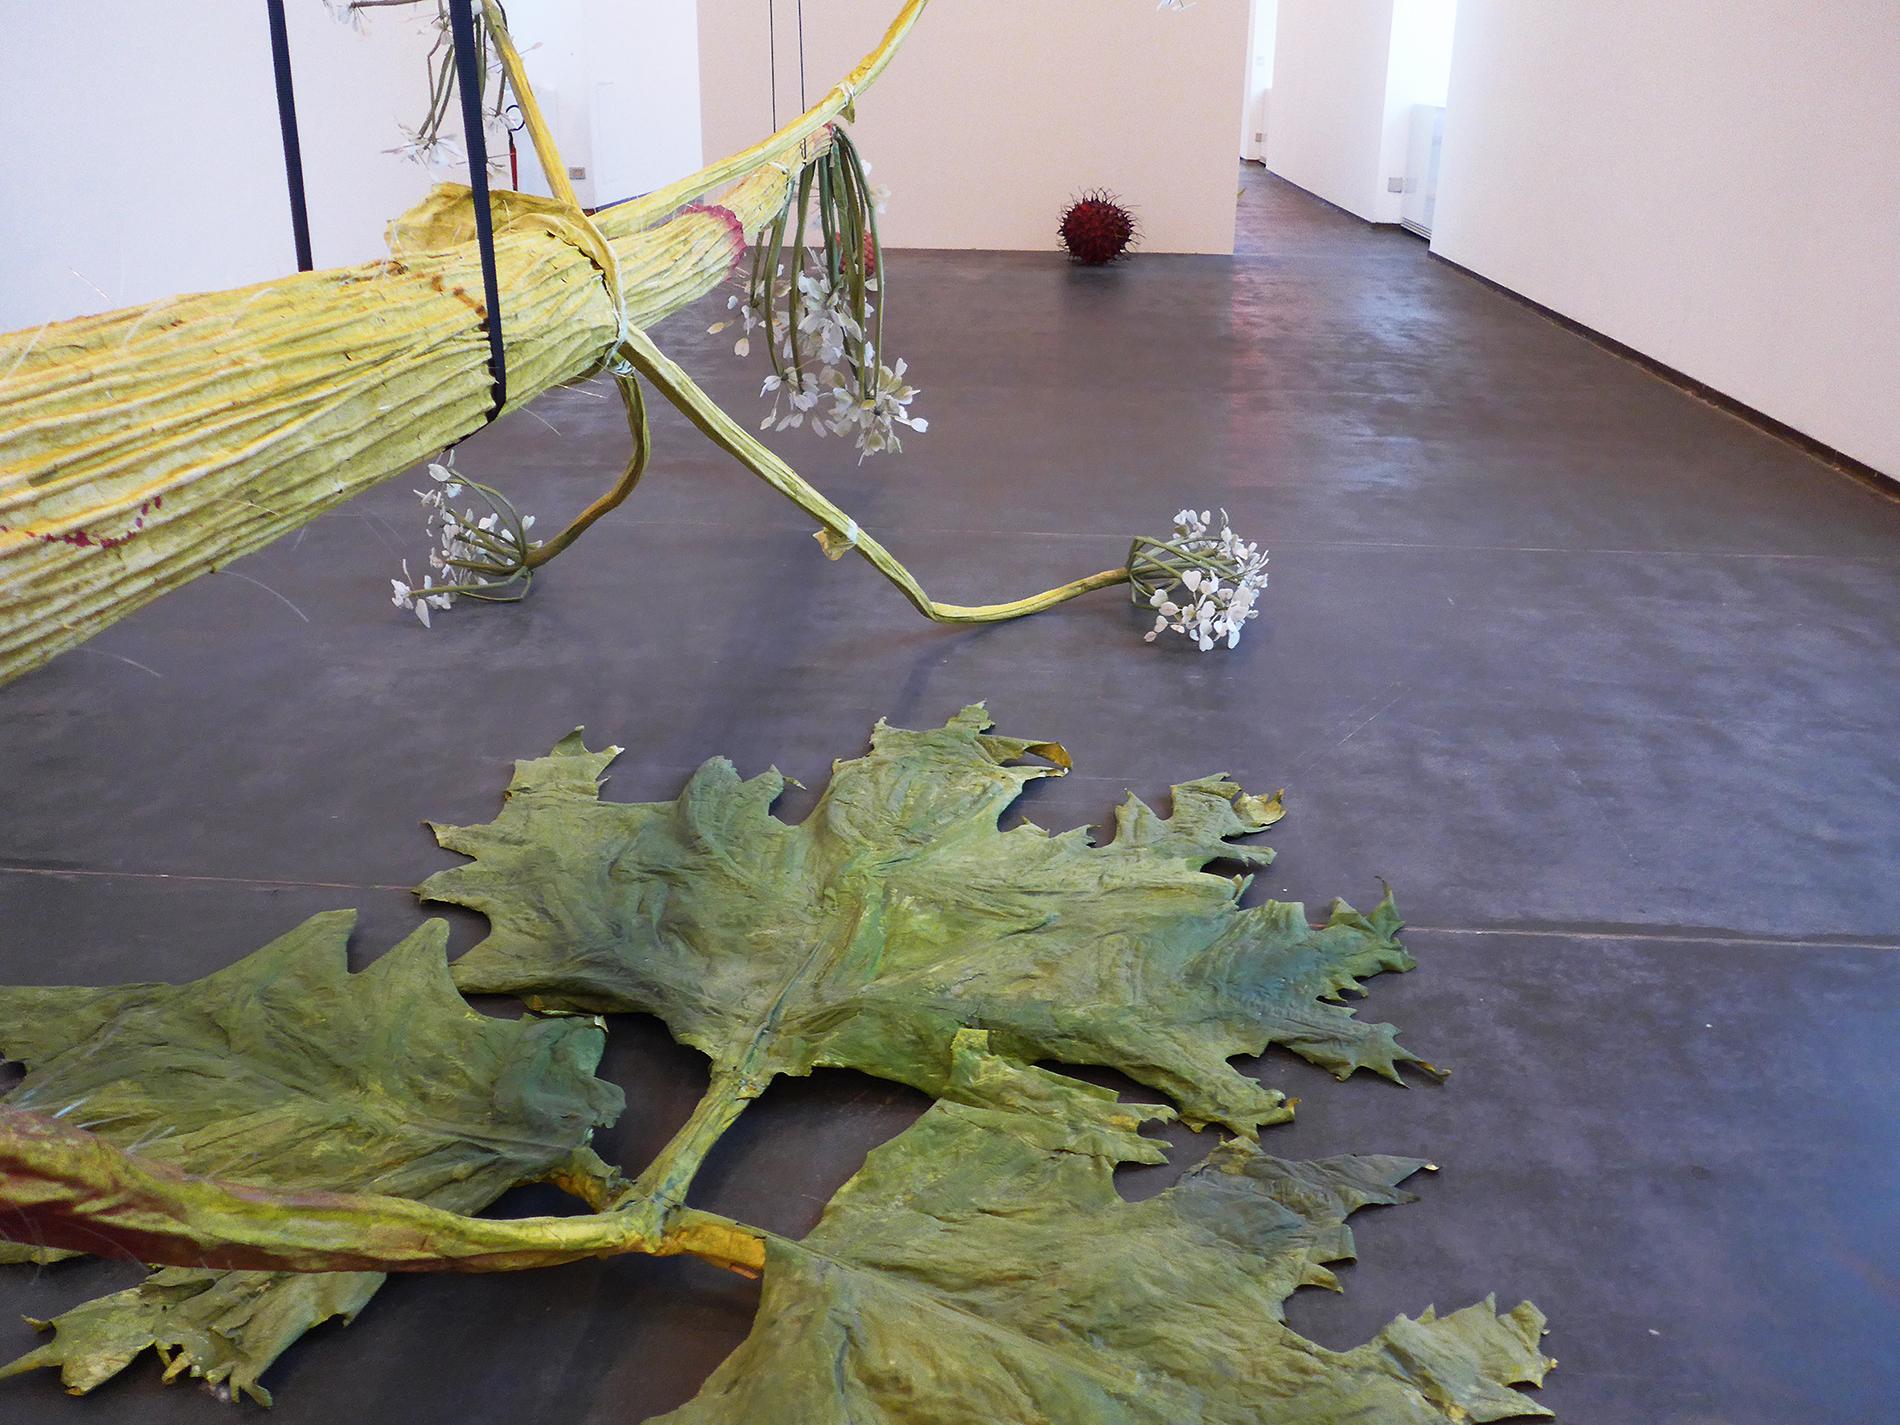 Ausstellungsansicht, Metamorfosi, Castello di Rivoli, Ingela Ihrman, The Giant Hogweed, 2016 (Foto: Barbara Fässler)